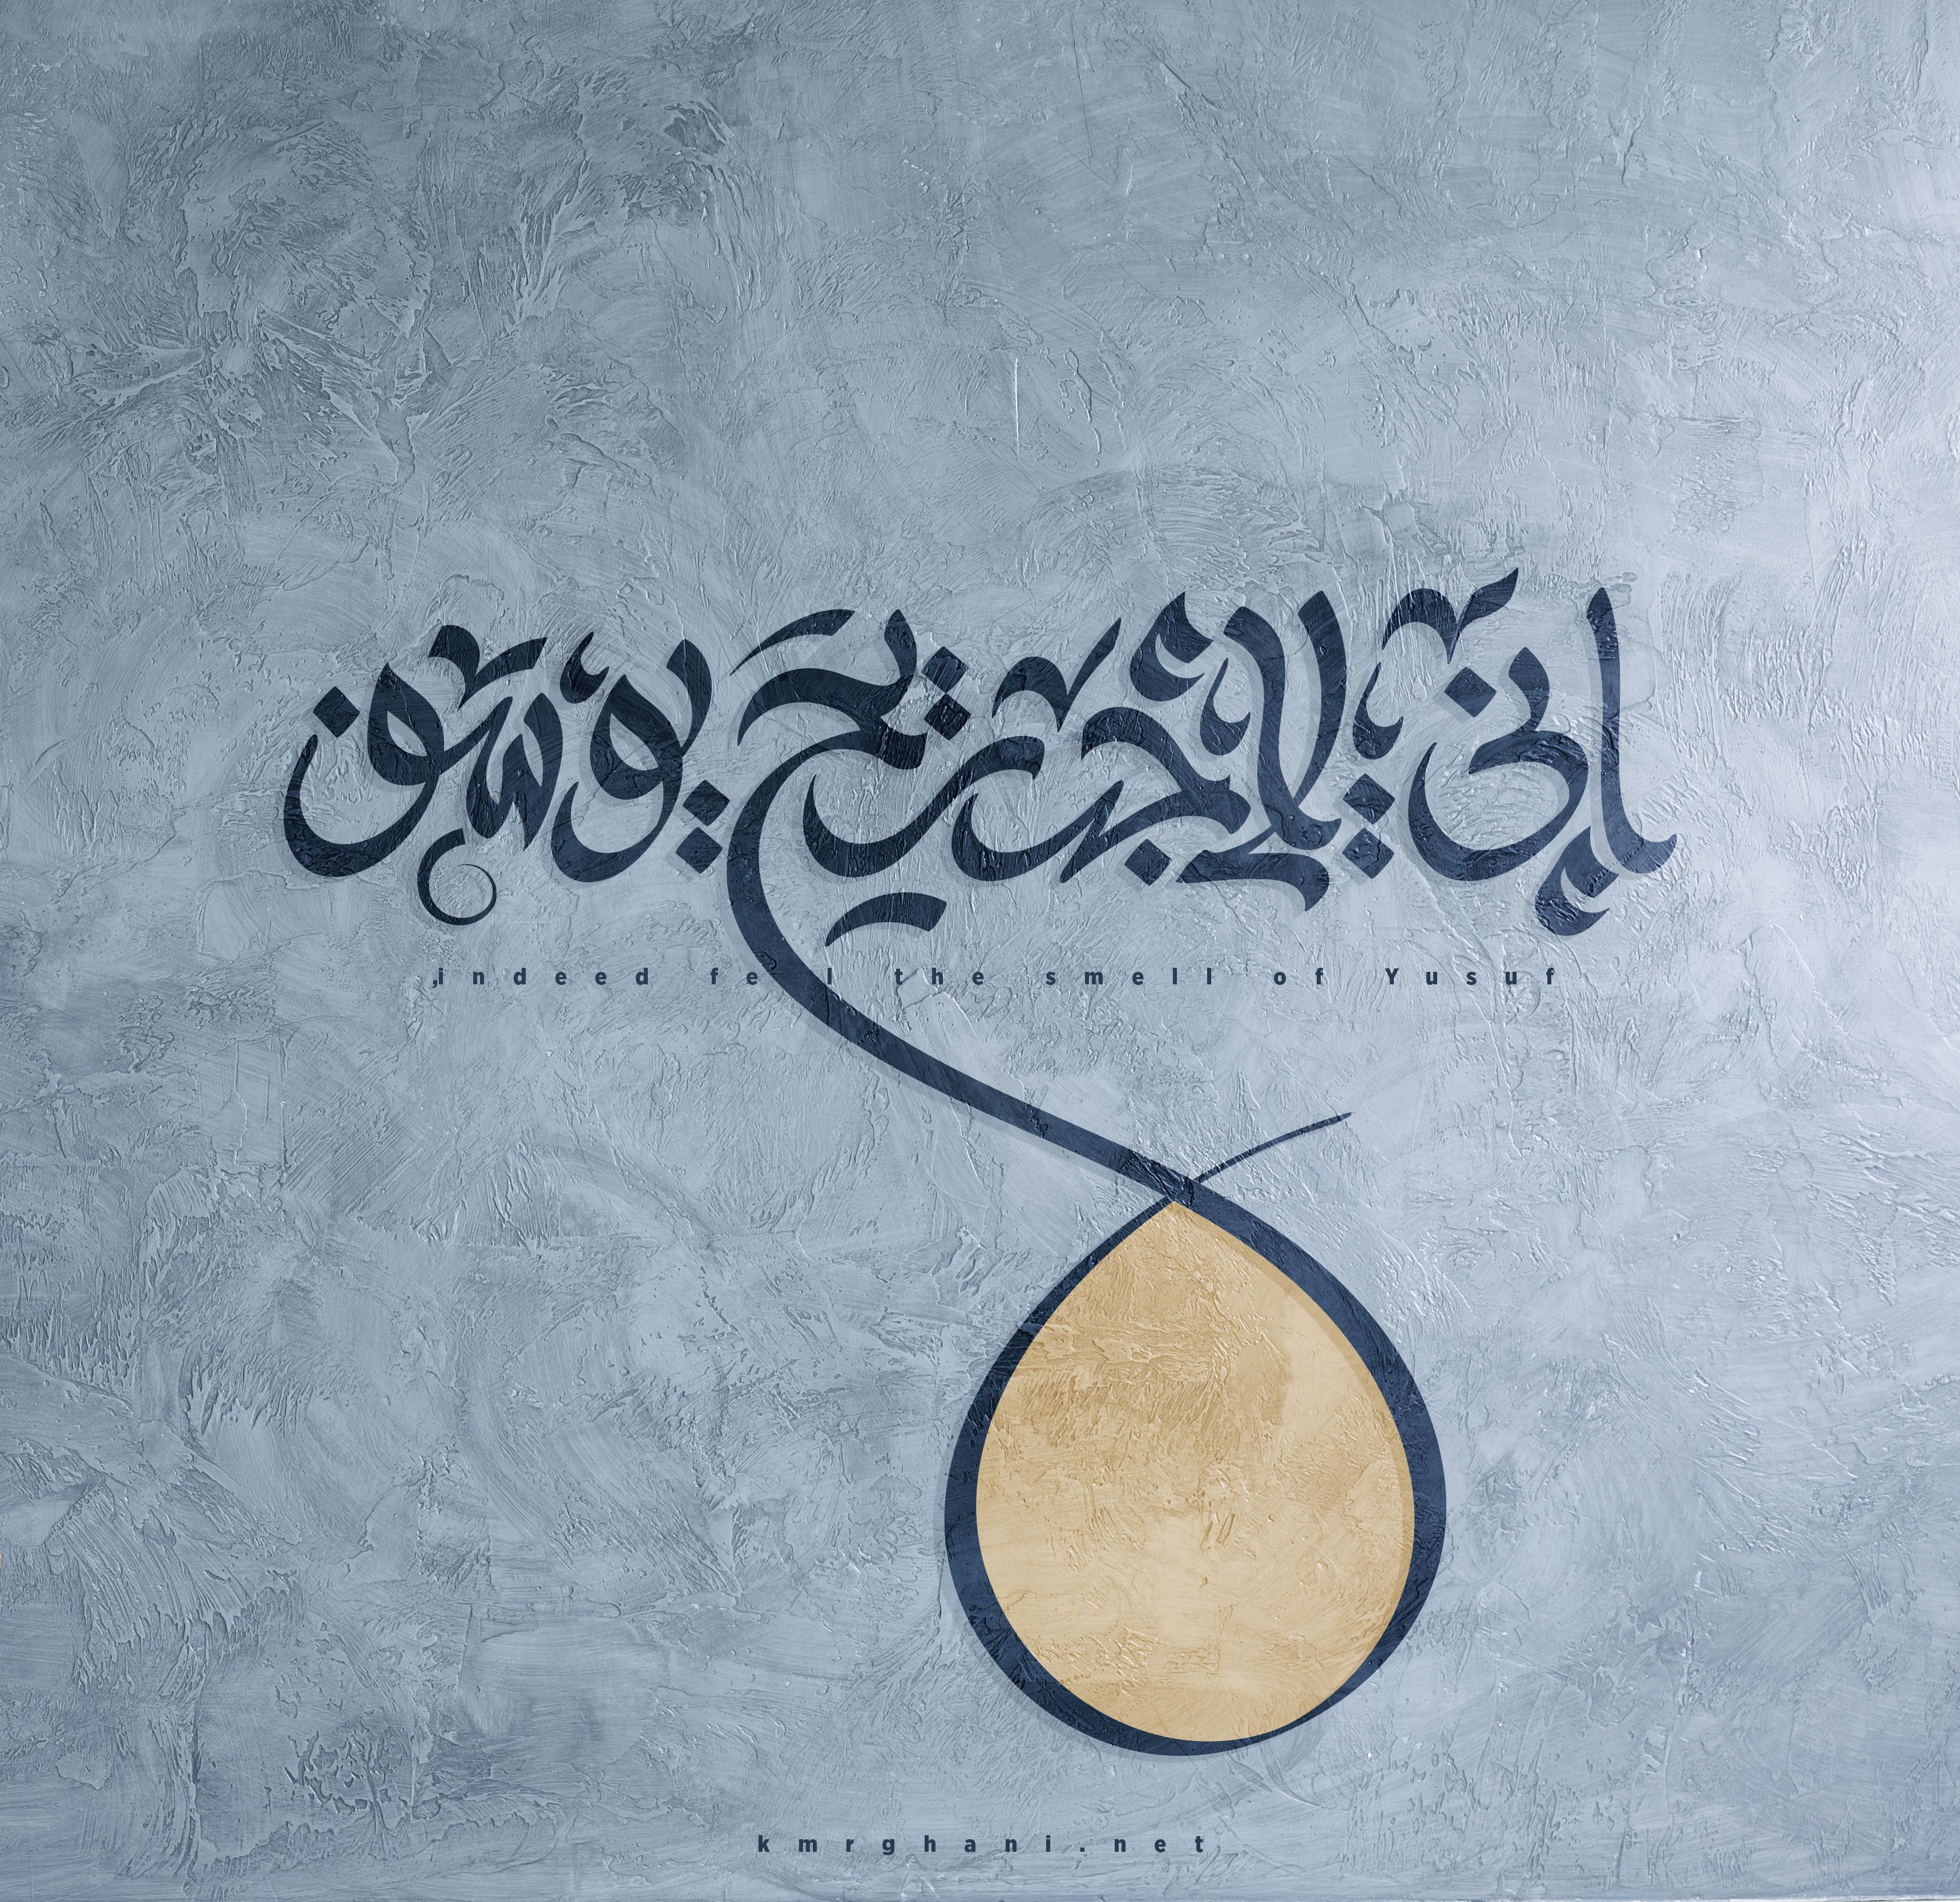 إني لأجد ريح يوسف Arabic Art Calligraphy Design Arabic Calligraphy Art